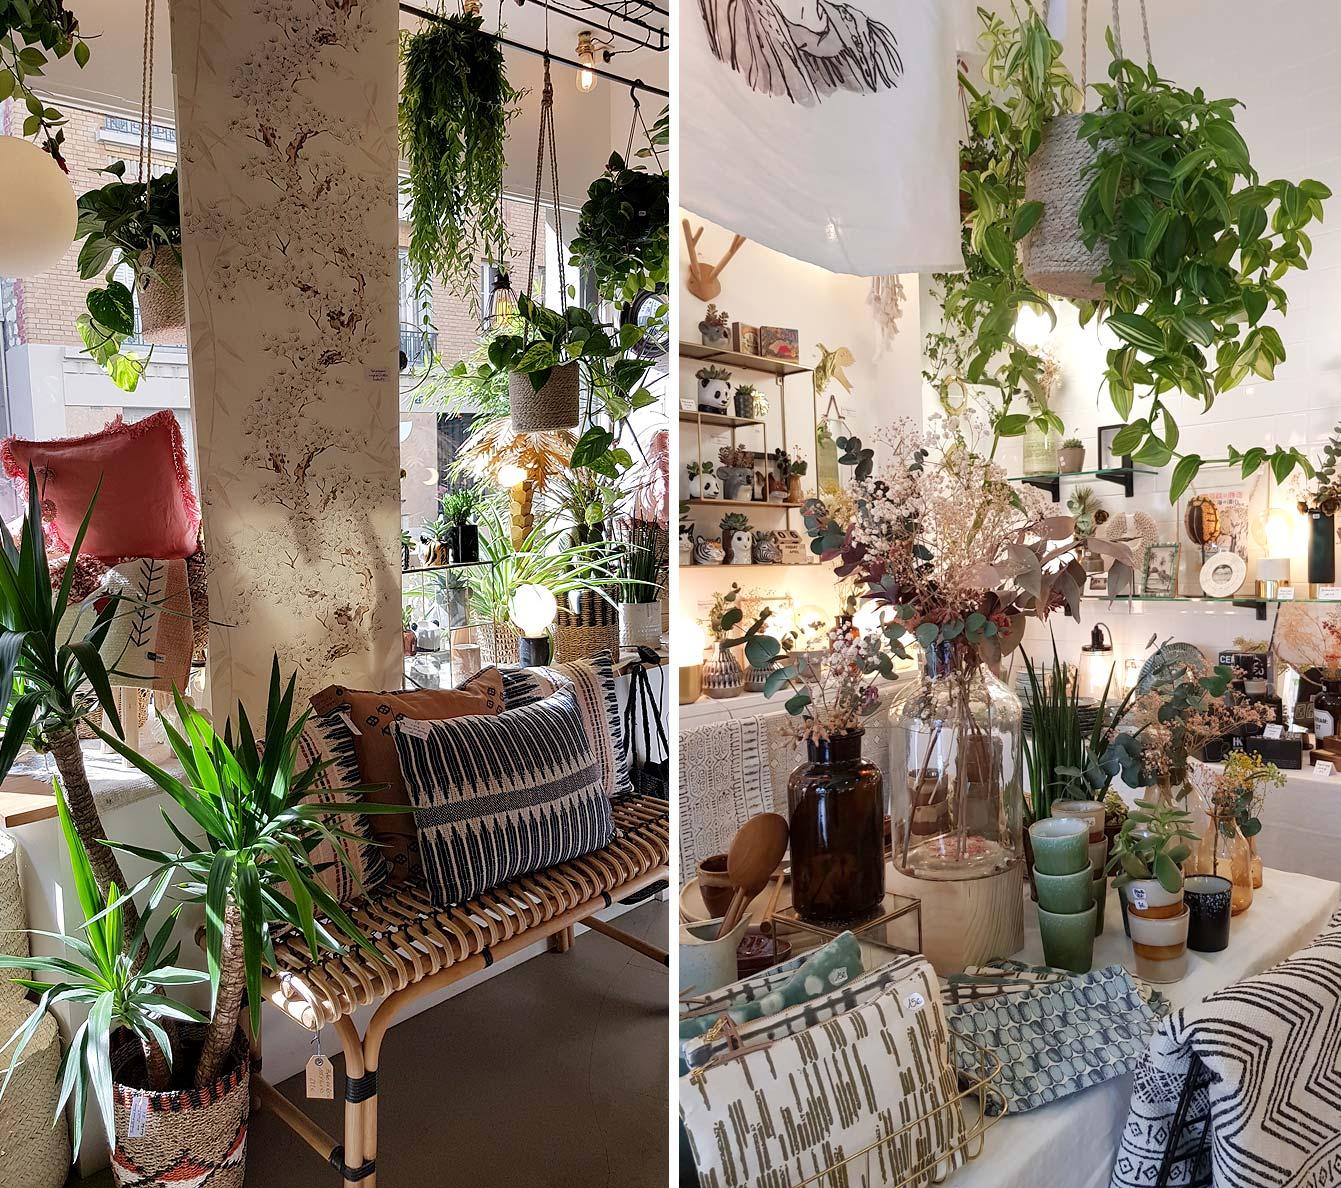 Adresse : Maison Aimable, 16 18 Rue Des Taillandiers, 75011 Paris